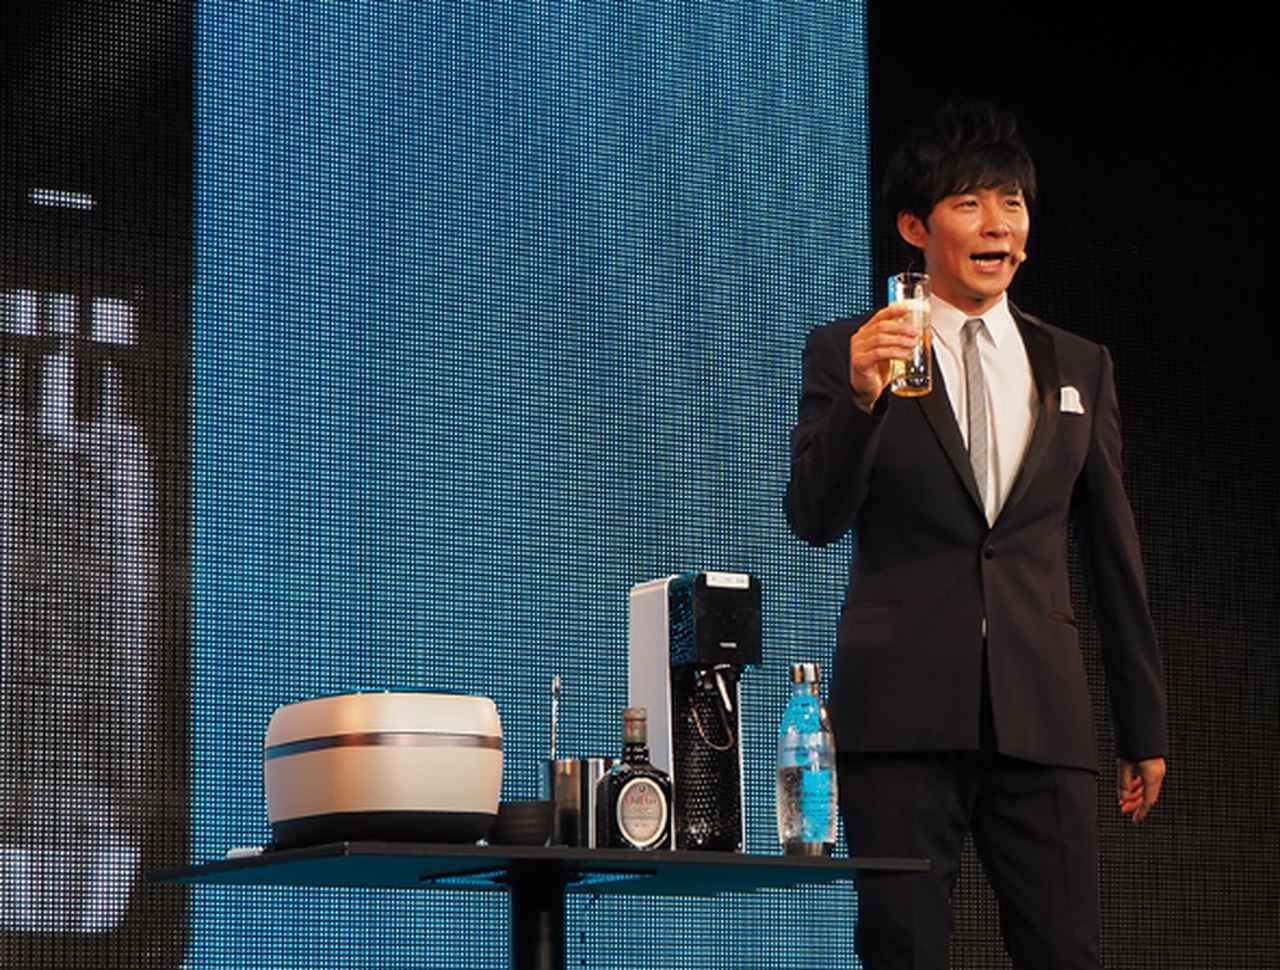 画像4: 世界で人気の「SodaStream」にコンパクトな「mini」が登場!日本限定で9月発売予定